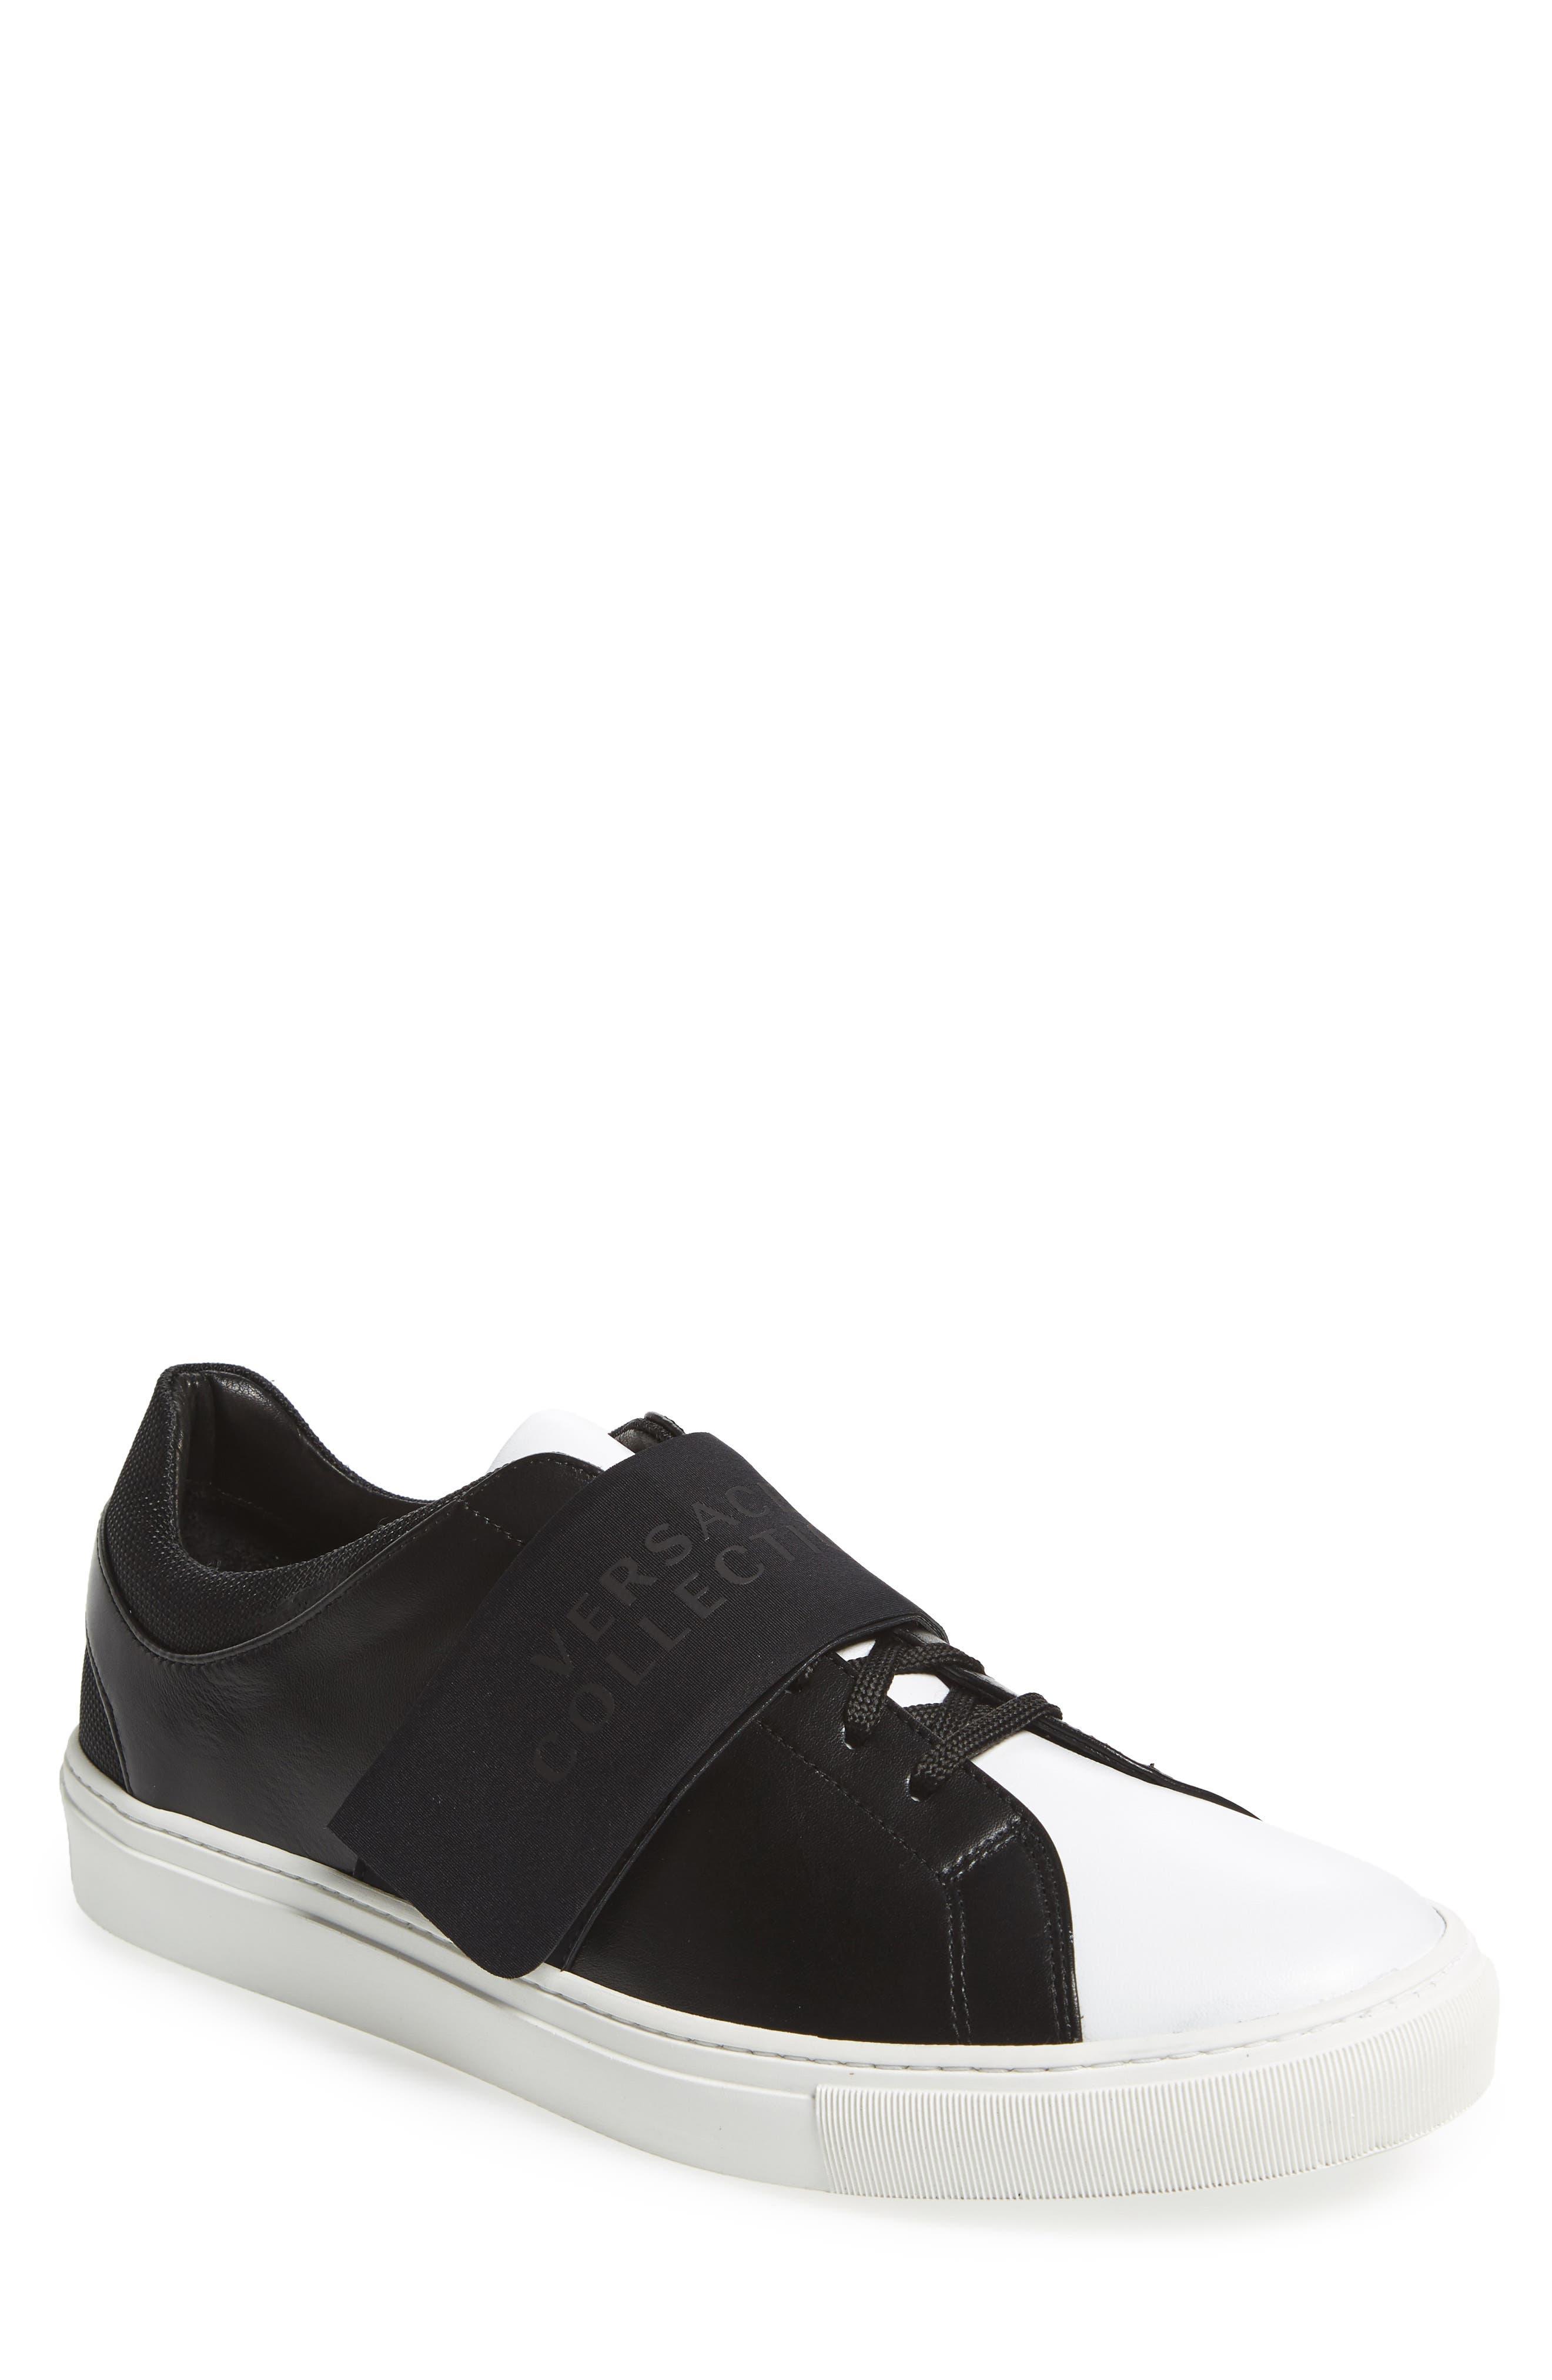 Strap Sneaker,                         Main,                         color, Bianco/ Nero Leather